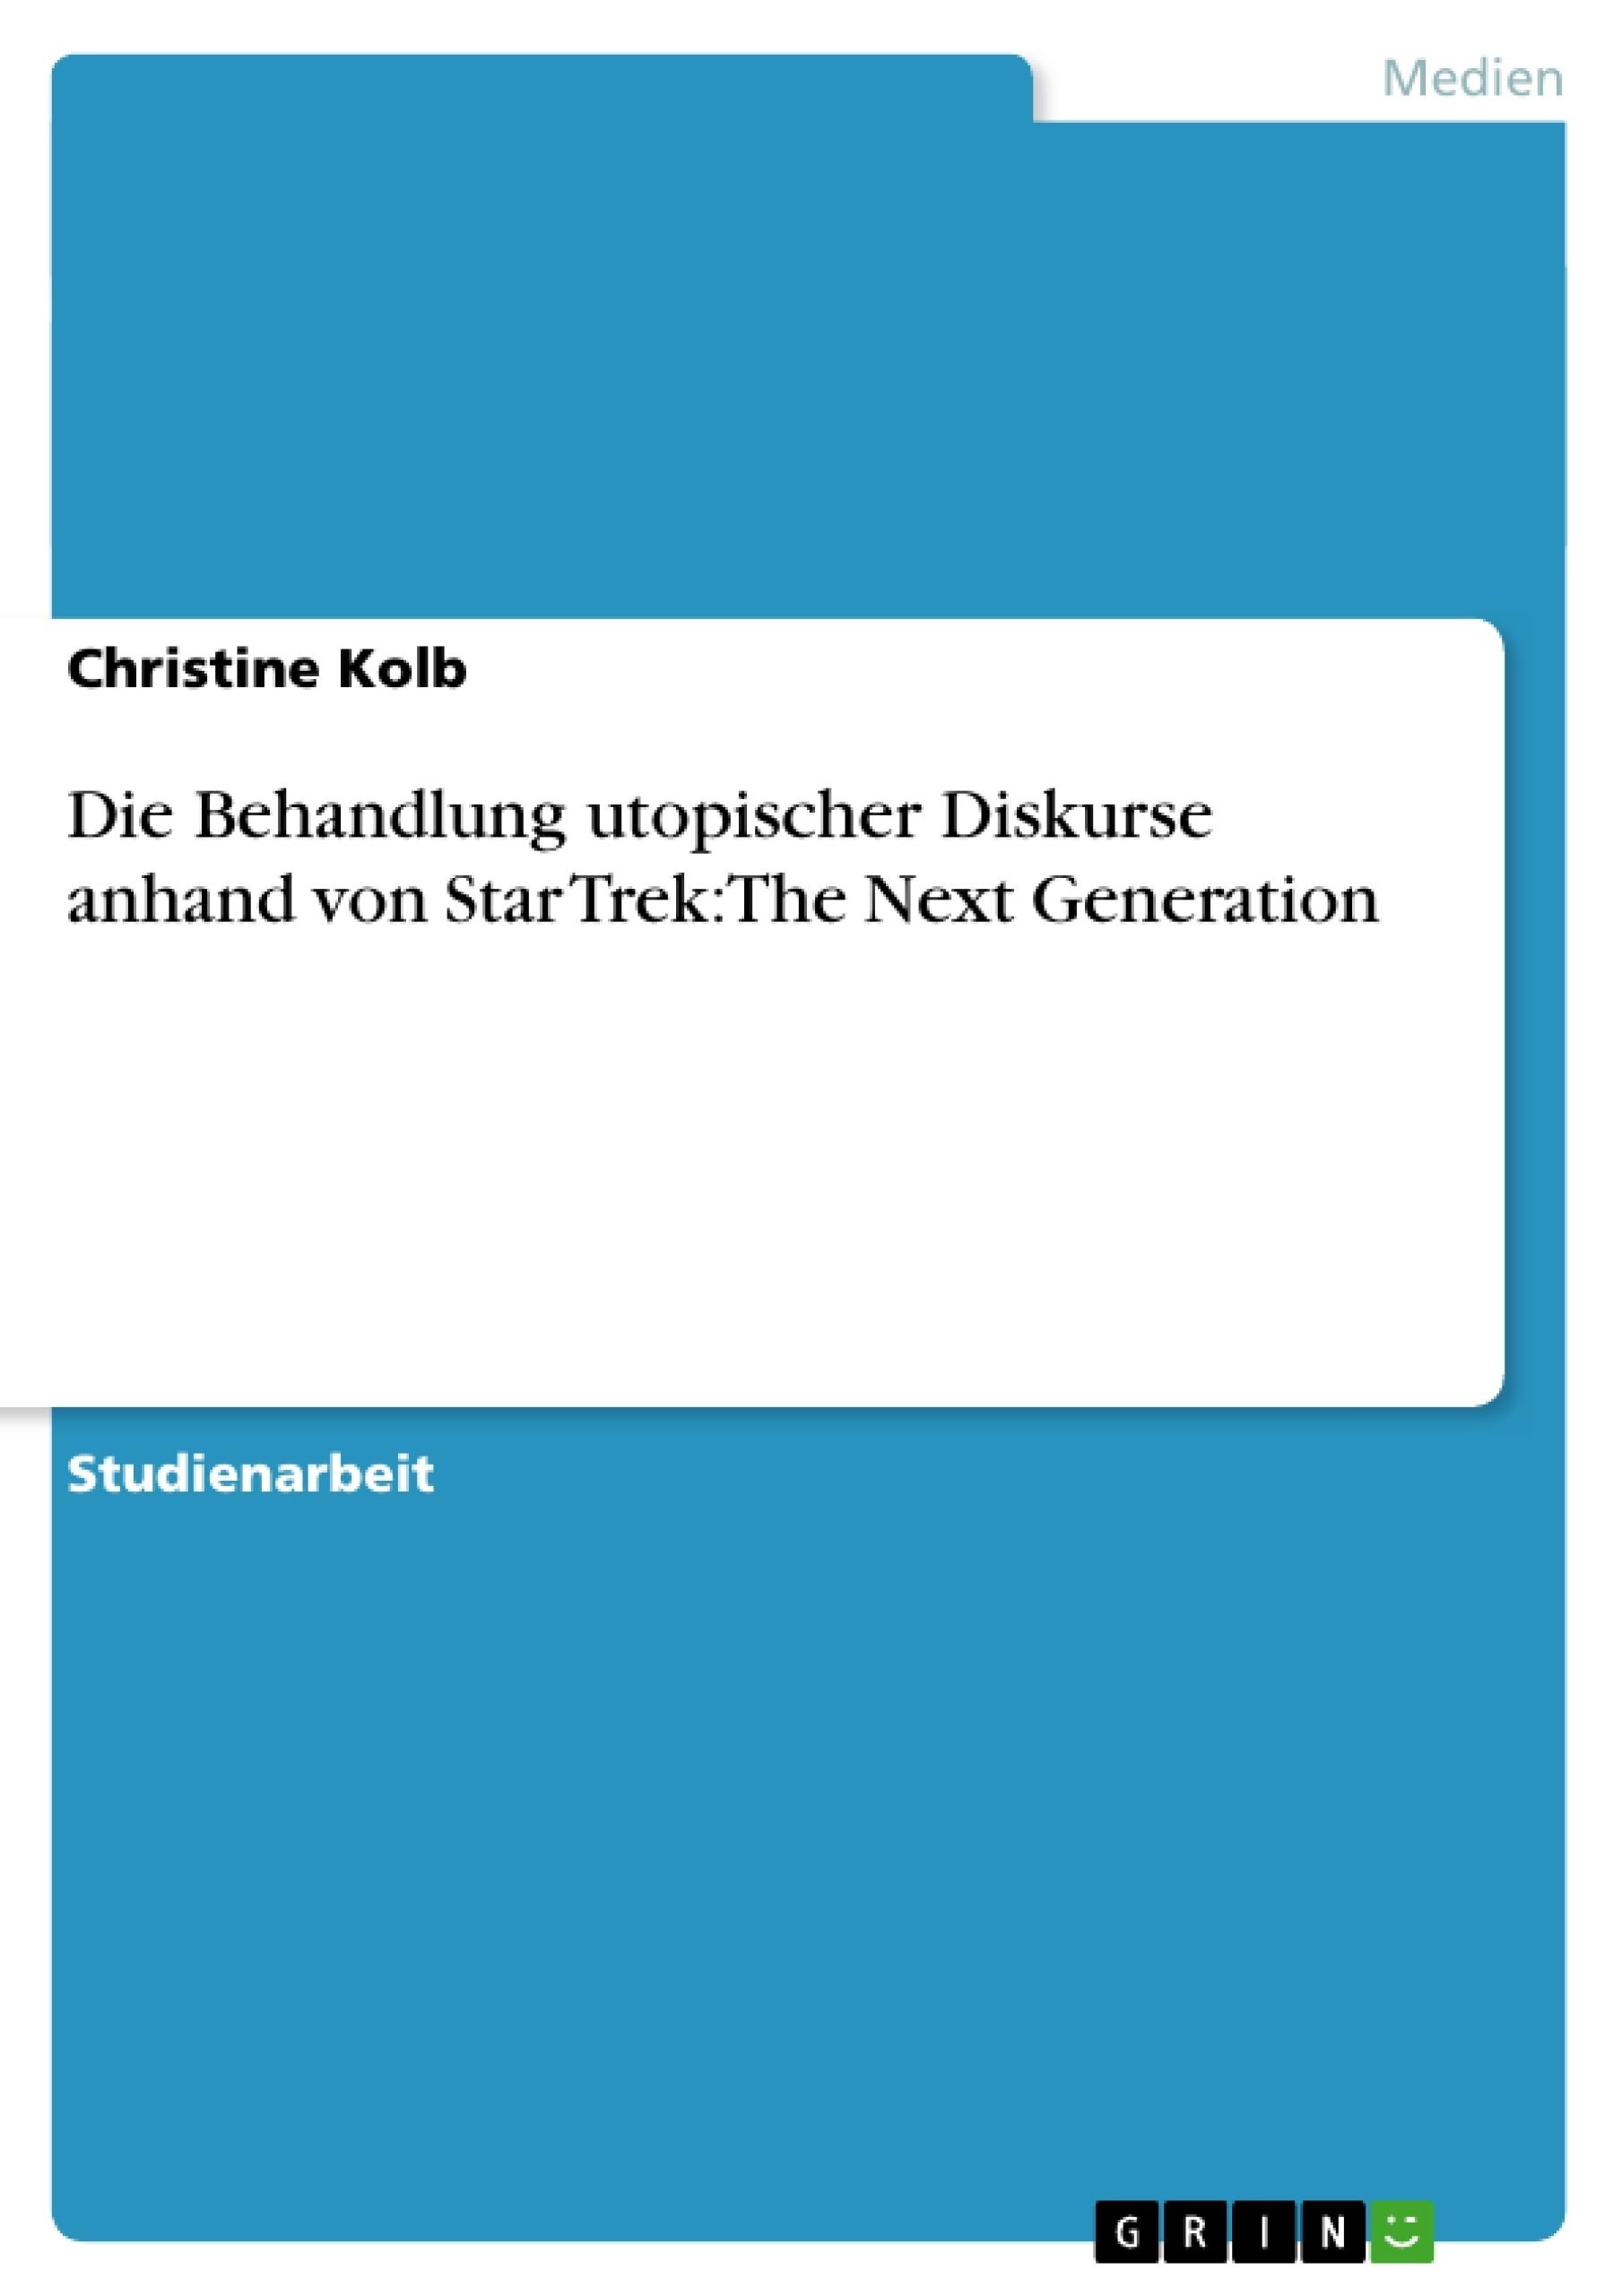 Titel: Die Behandlung utopischer Diskurse anhand von Star Trek: The Next Generation